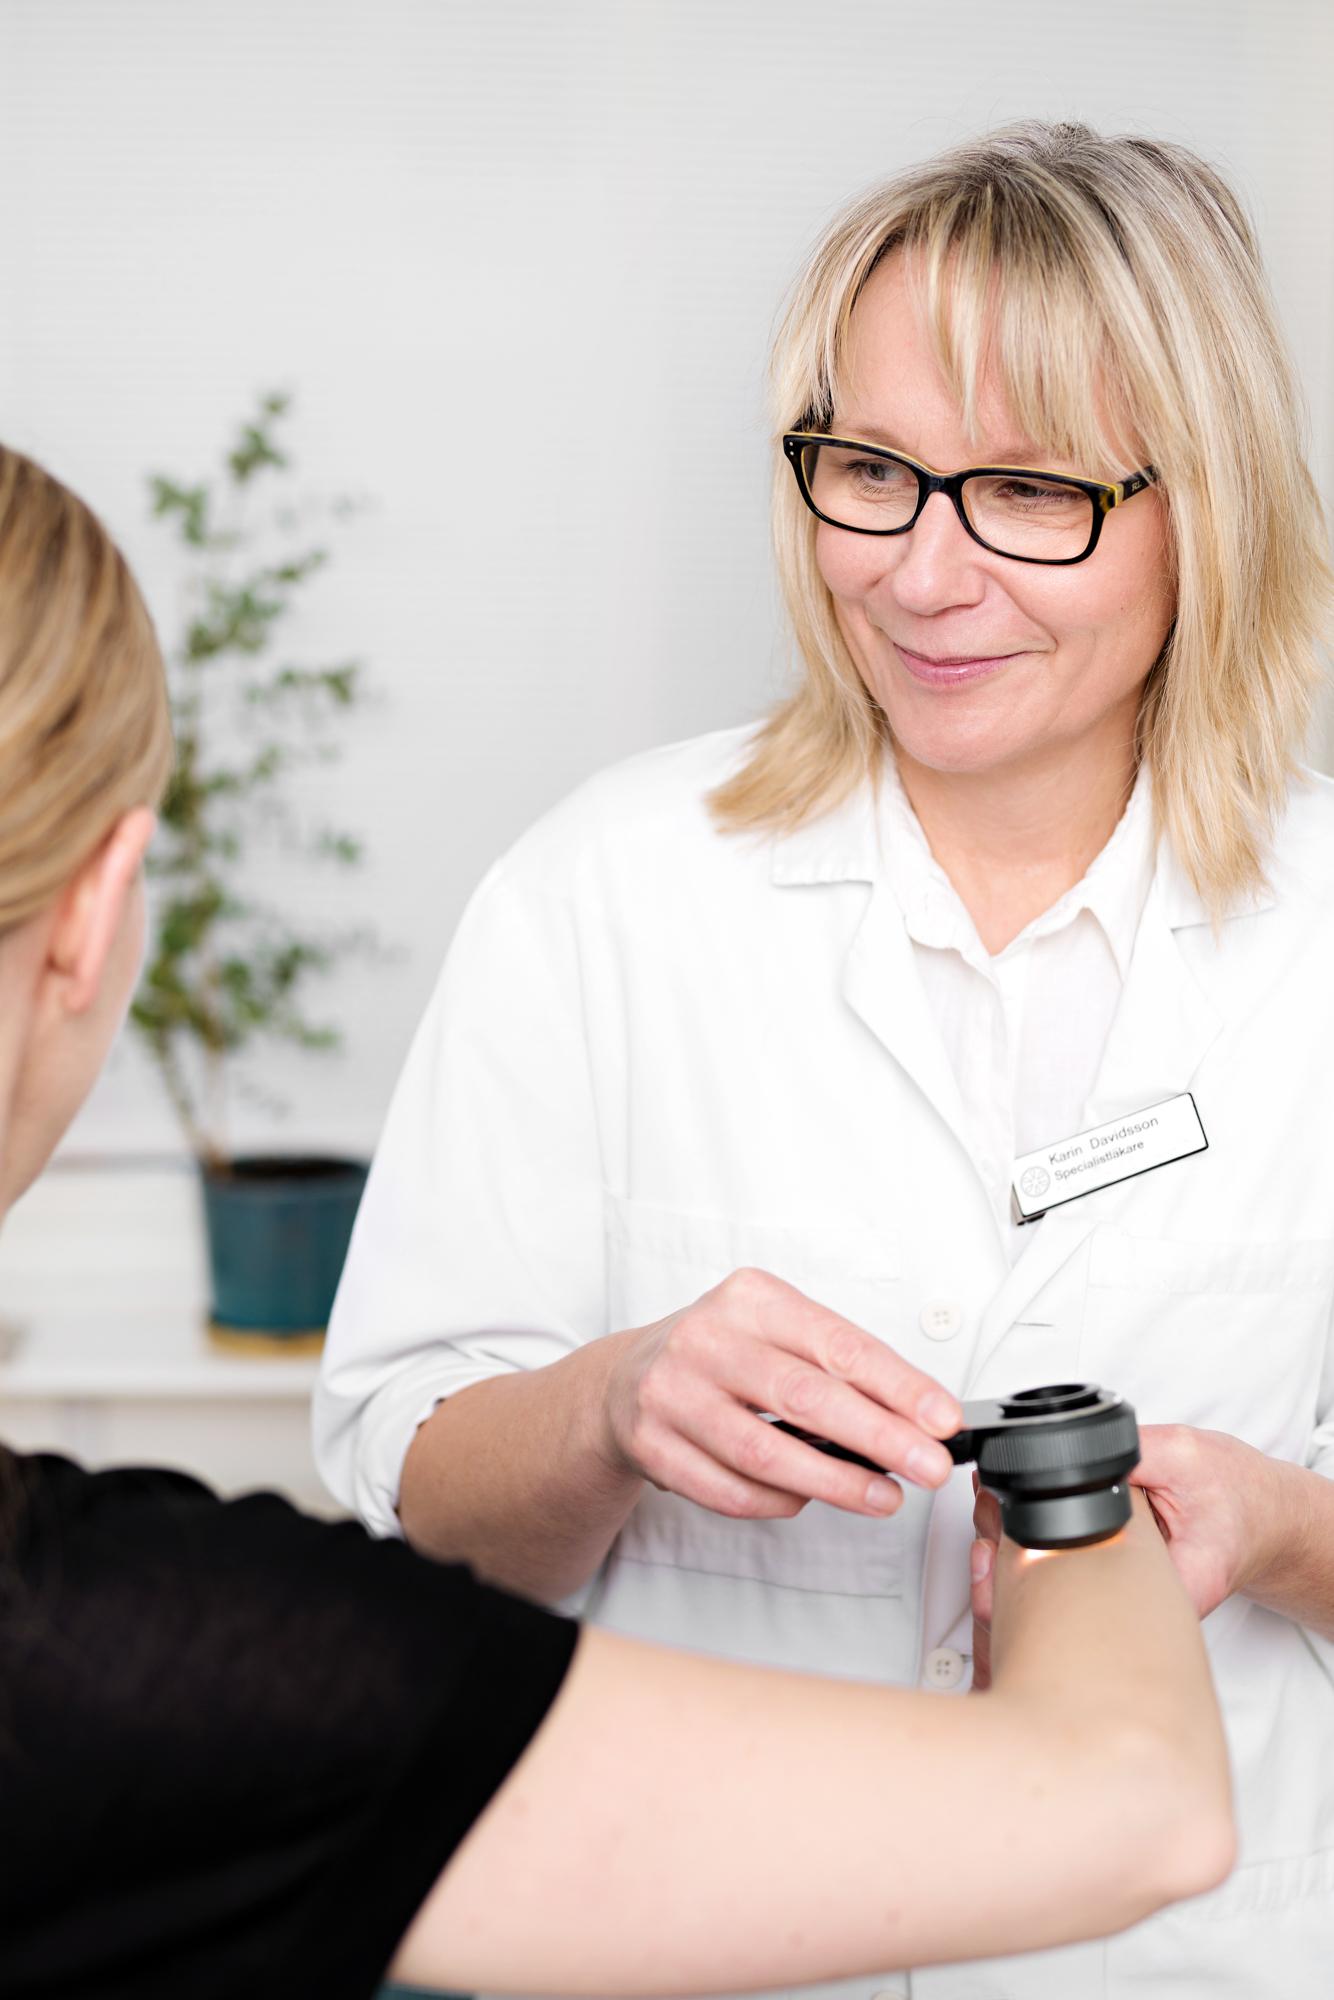 hudläkare linköping privat